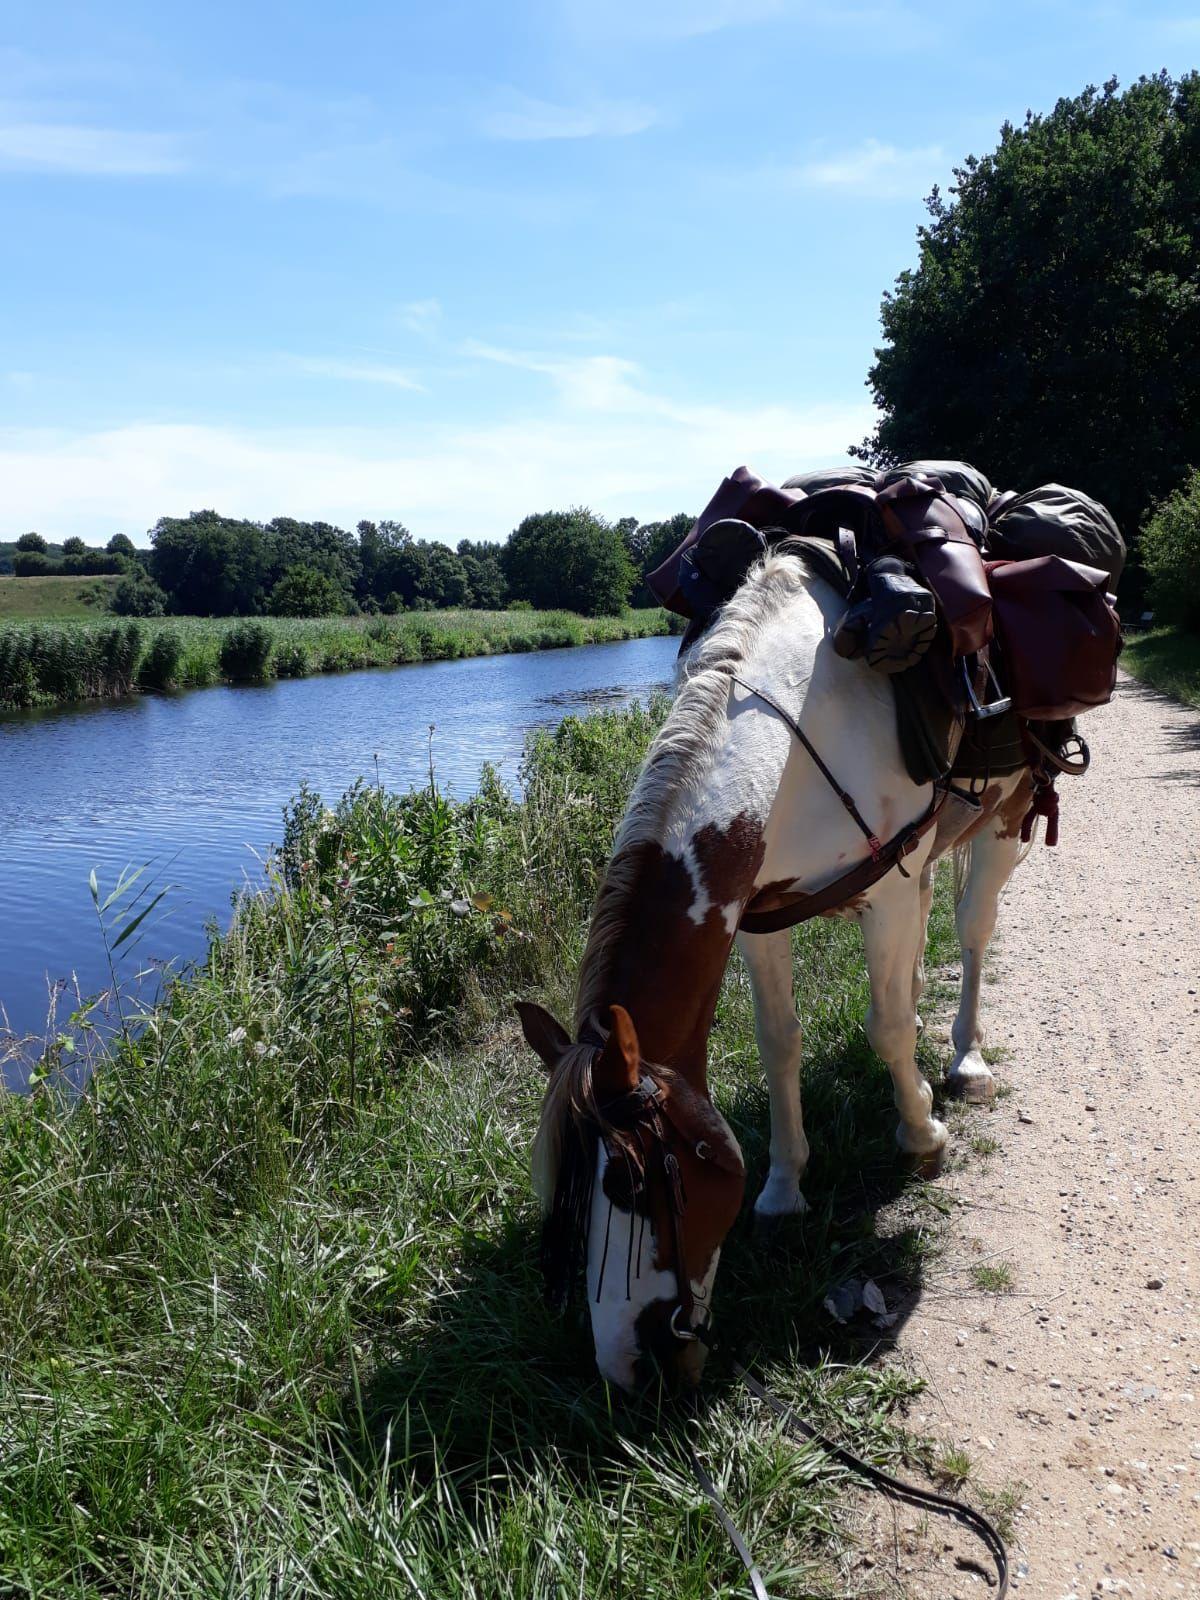 DRIKKEPAUSE: Bento benyttet enhver anledning til å få i seg væske. Her langs Elbe-Havelkanalen i Tyskland.